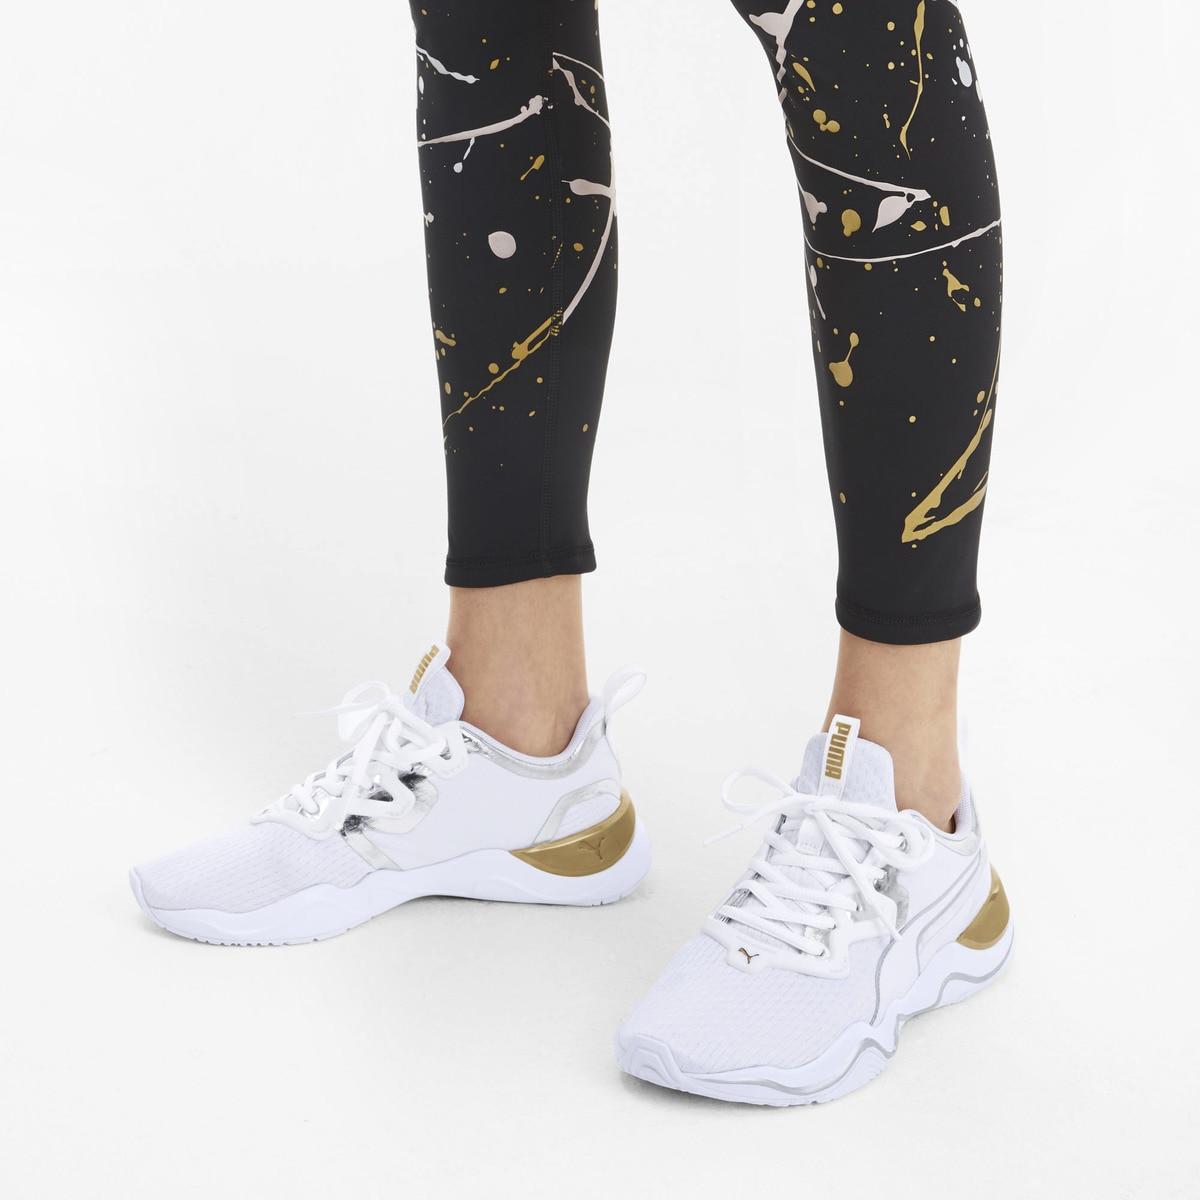 Zapatillas de fitness/cross training de mujer Zone XT Metal Puma